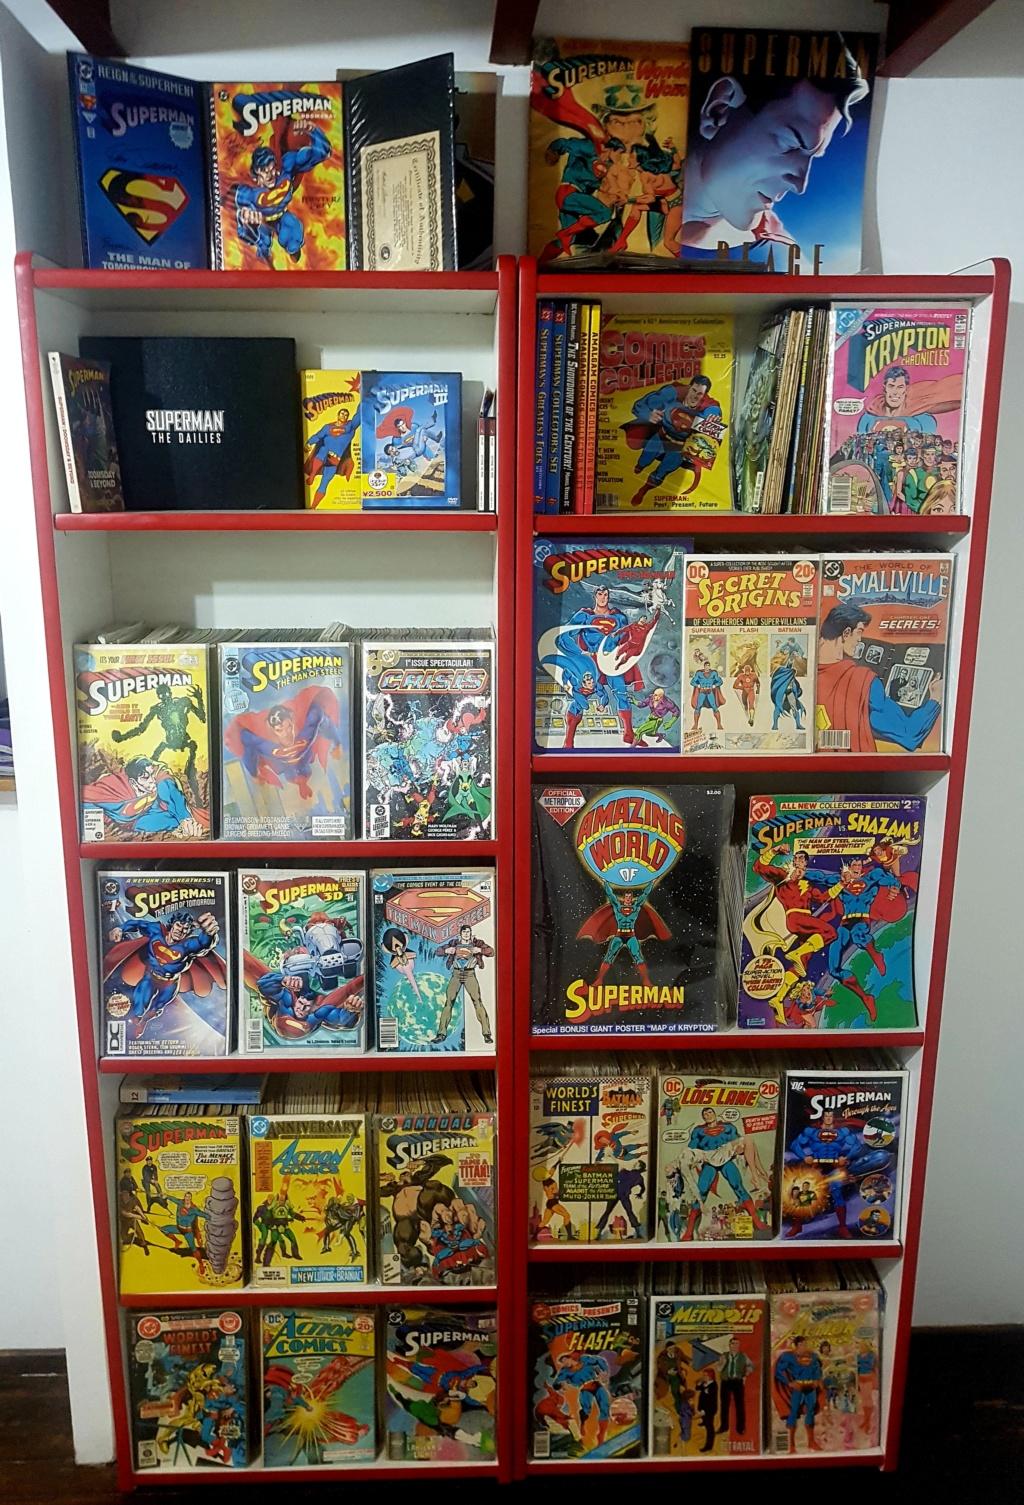 [COMICS] Colecciones de Comics ¿Quién la tiene más grande?  - Página 13 20190410